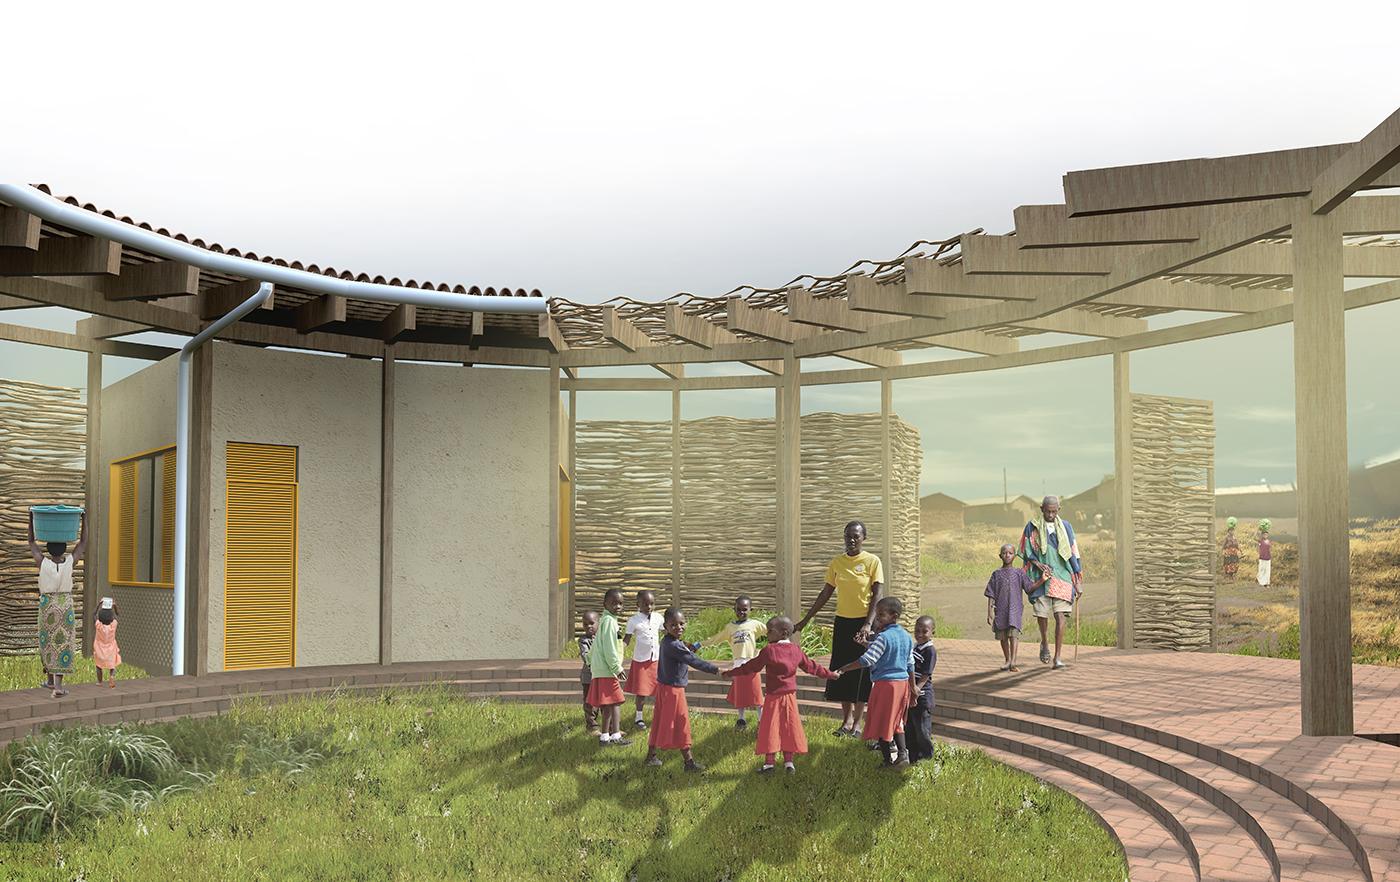 muta arquitetos_escola rural na savana africana 03